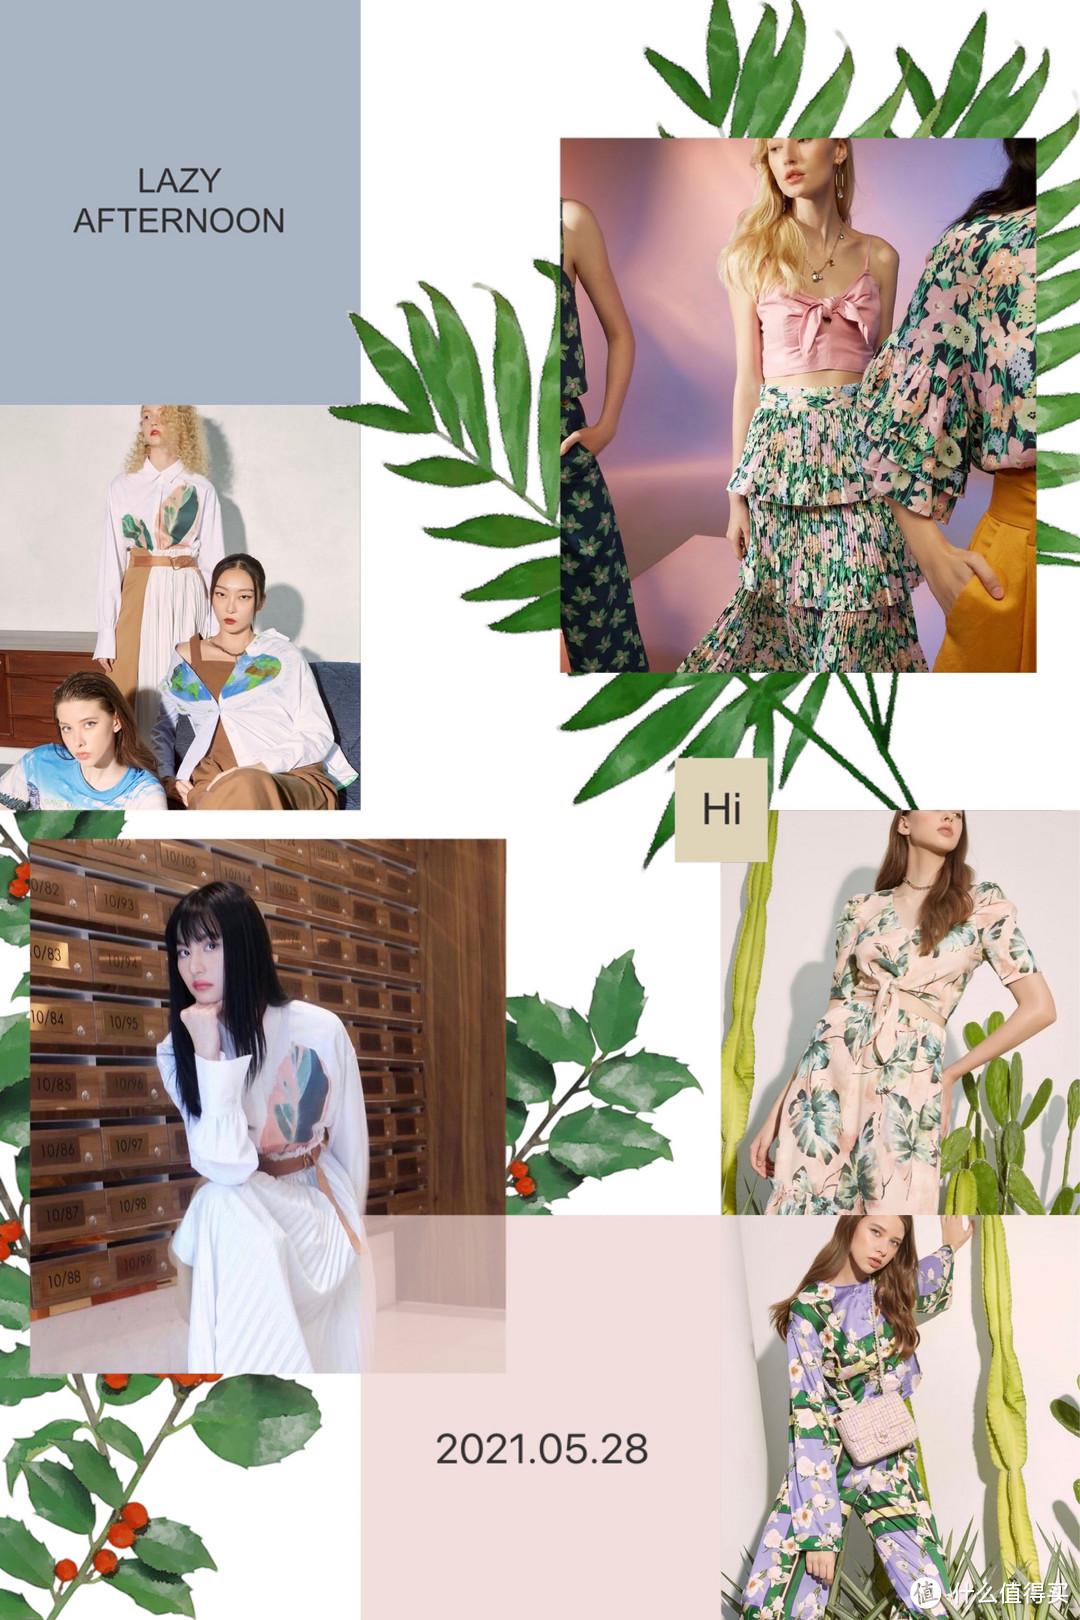 便宜又好看,这6个东南亚小众品牌还不快来了解下!